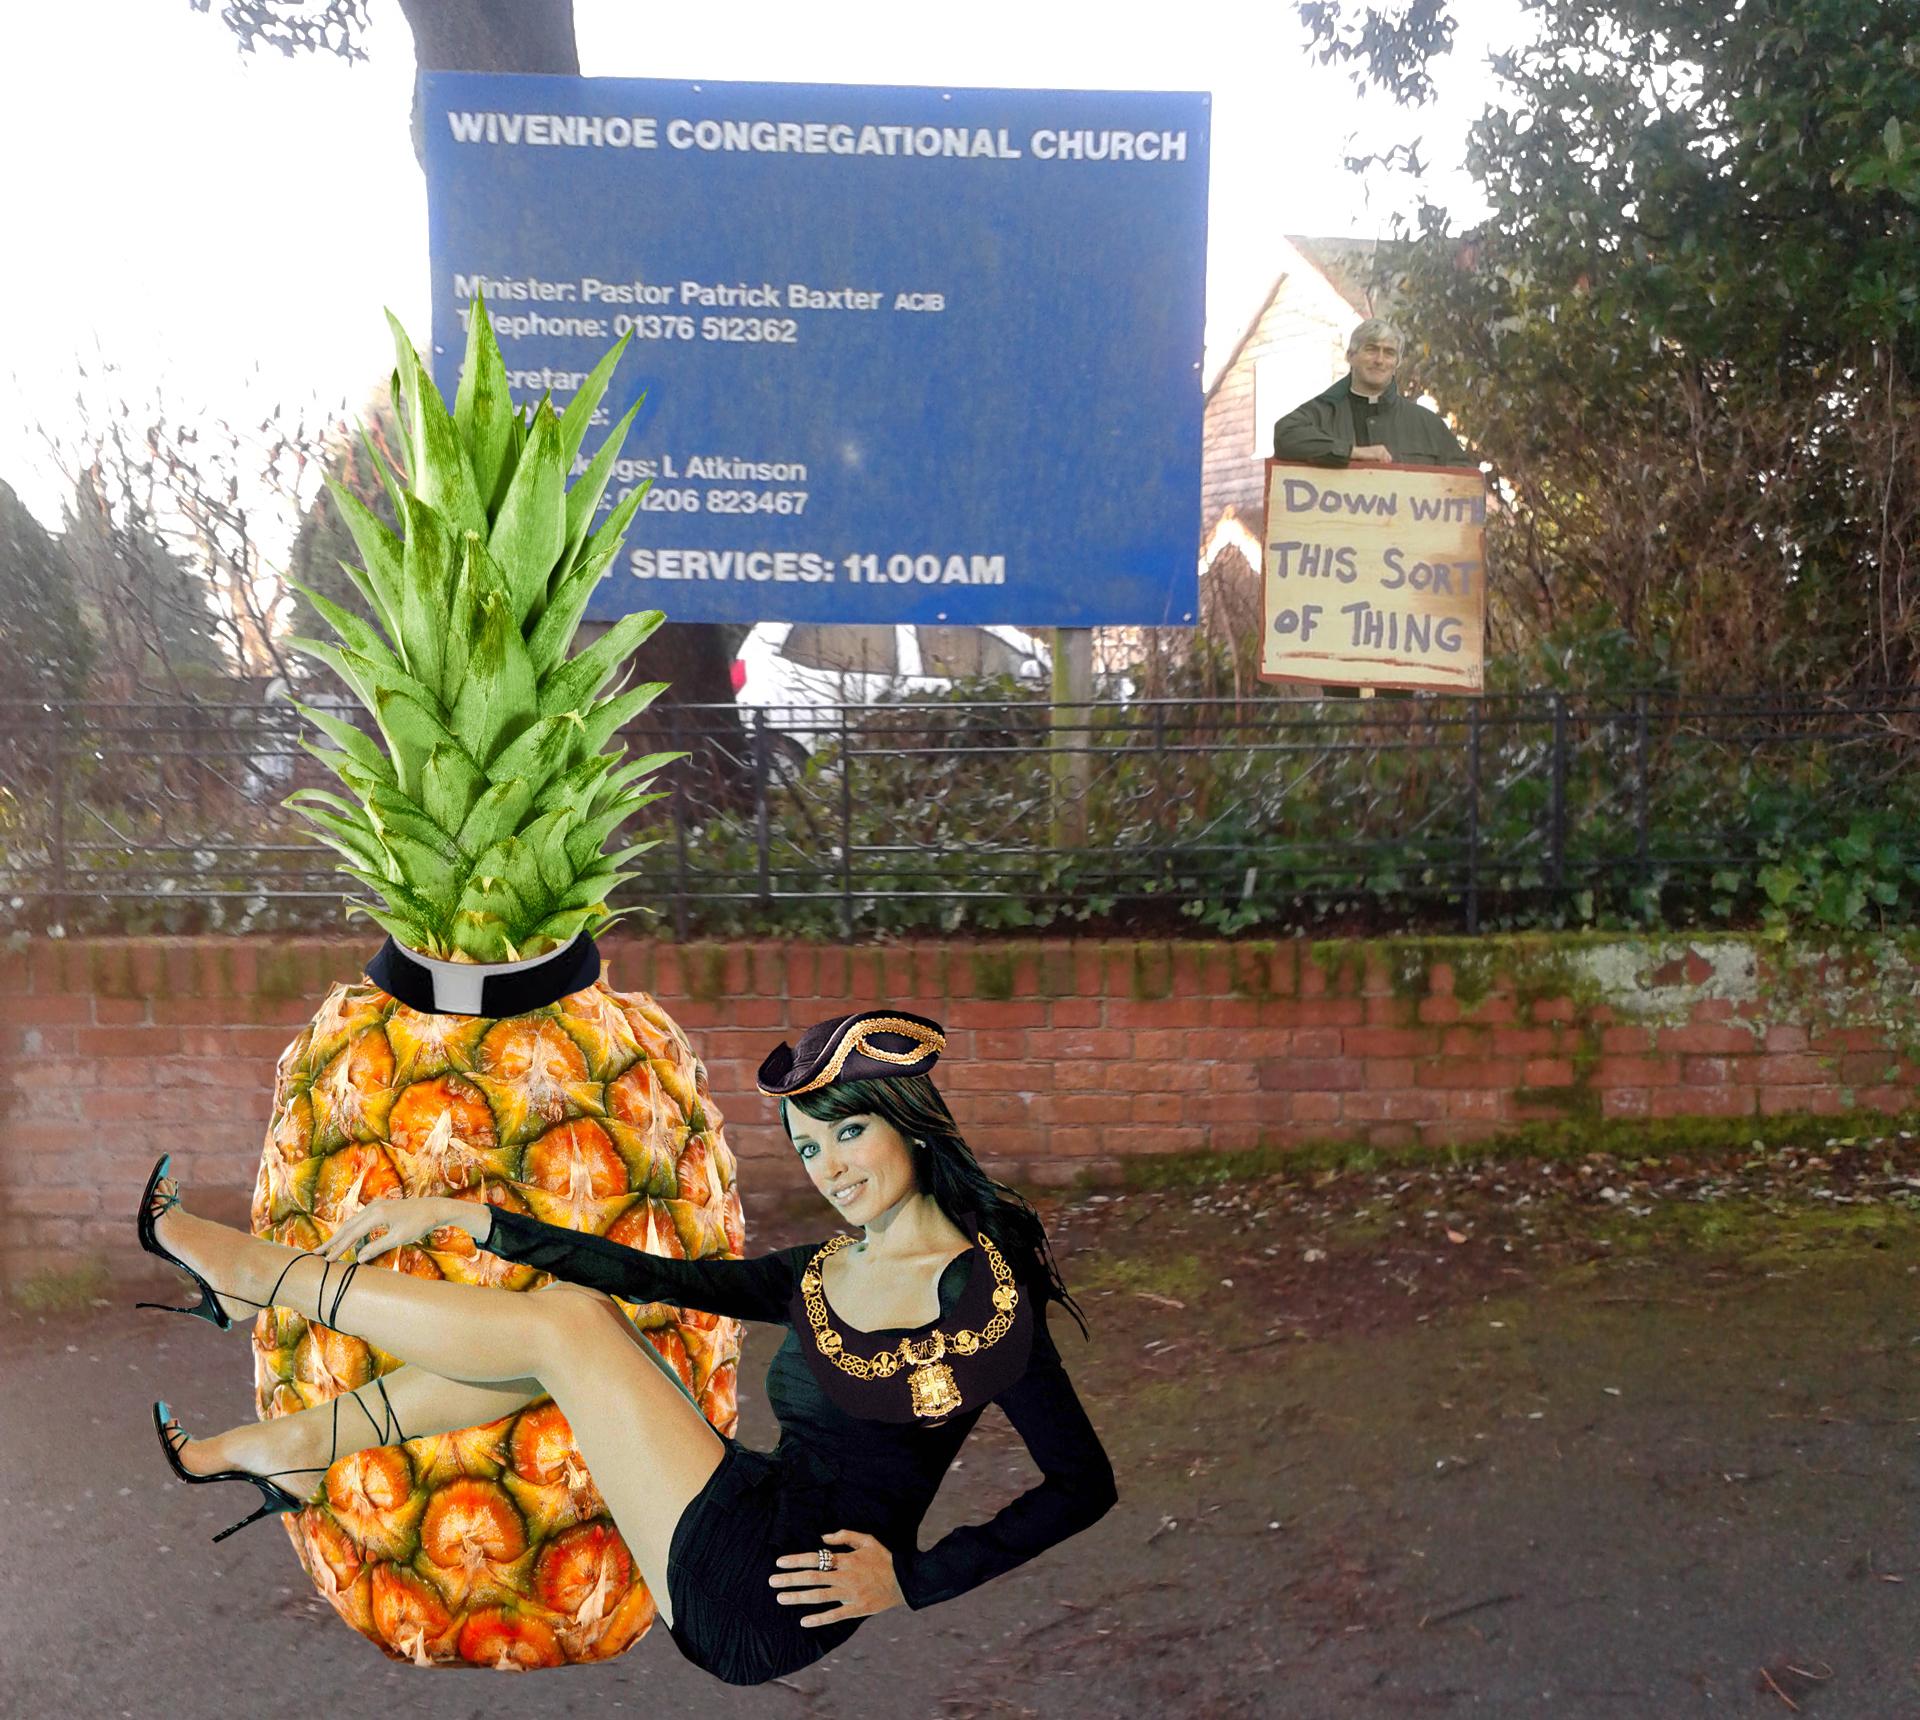 Pineapple vicar